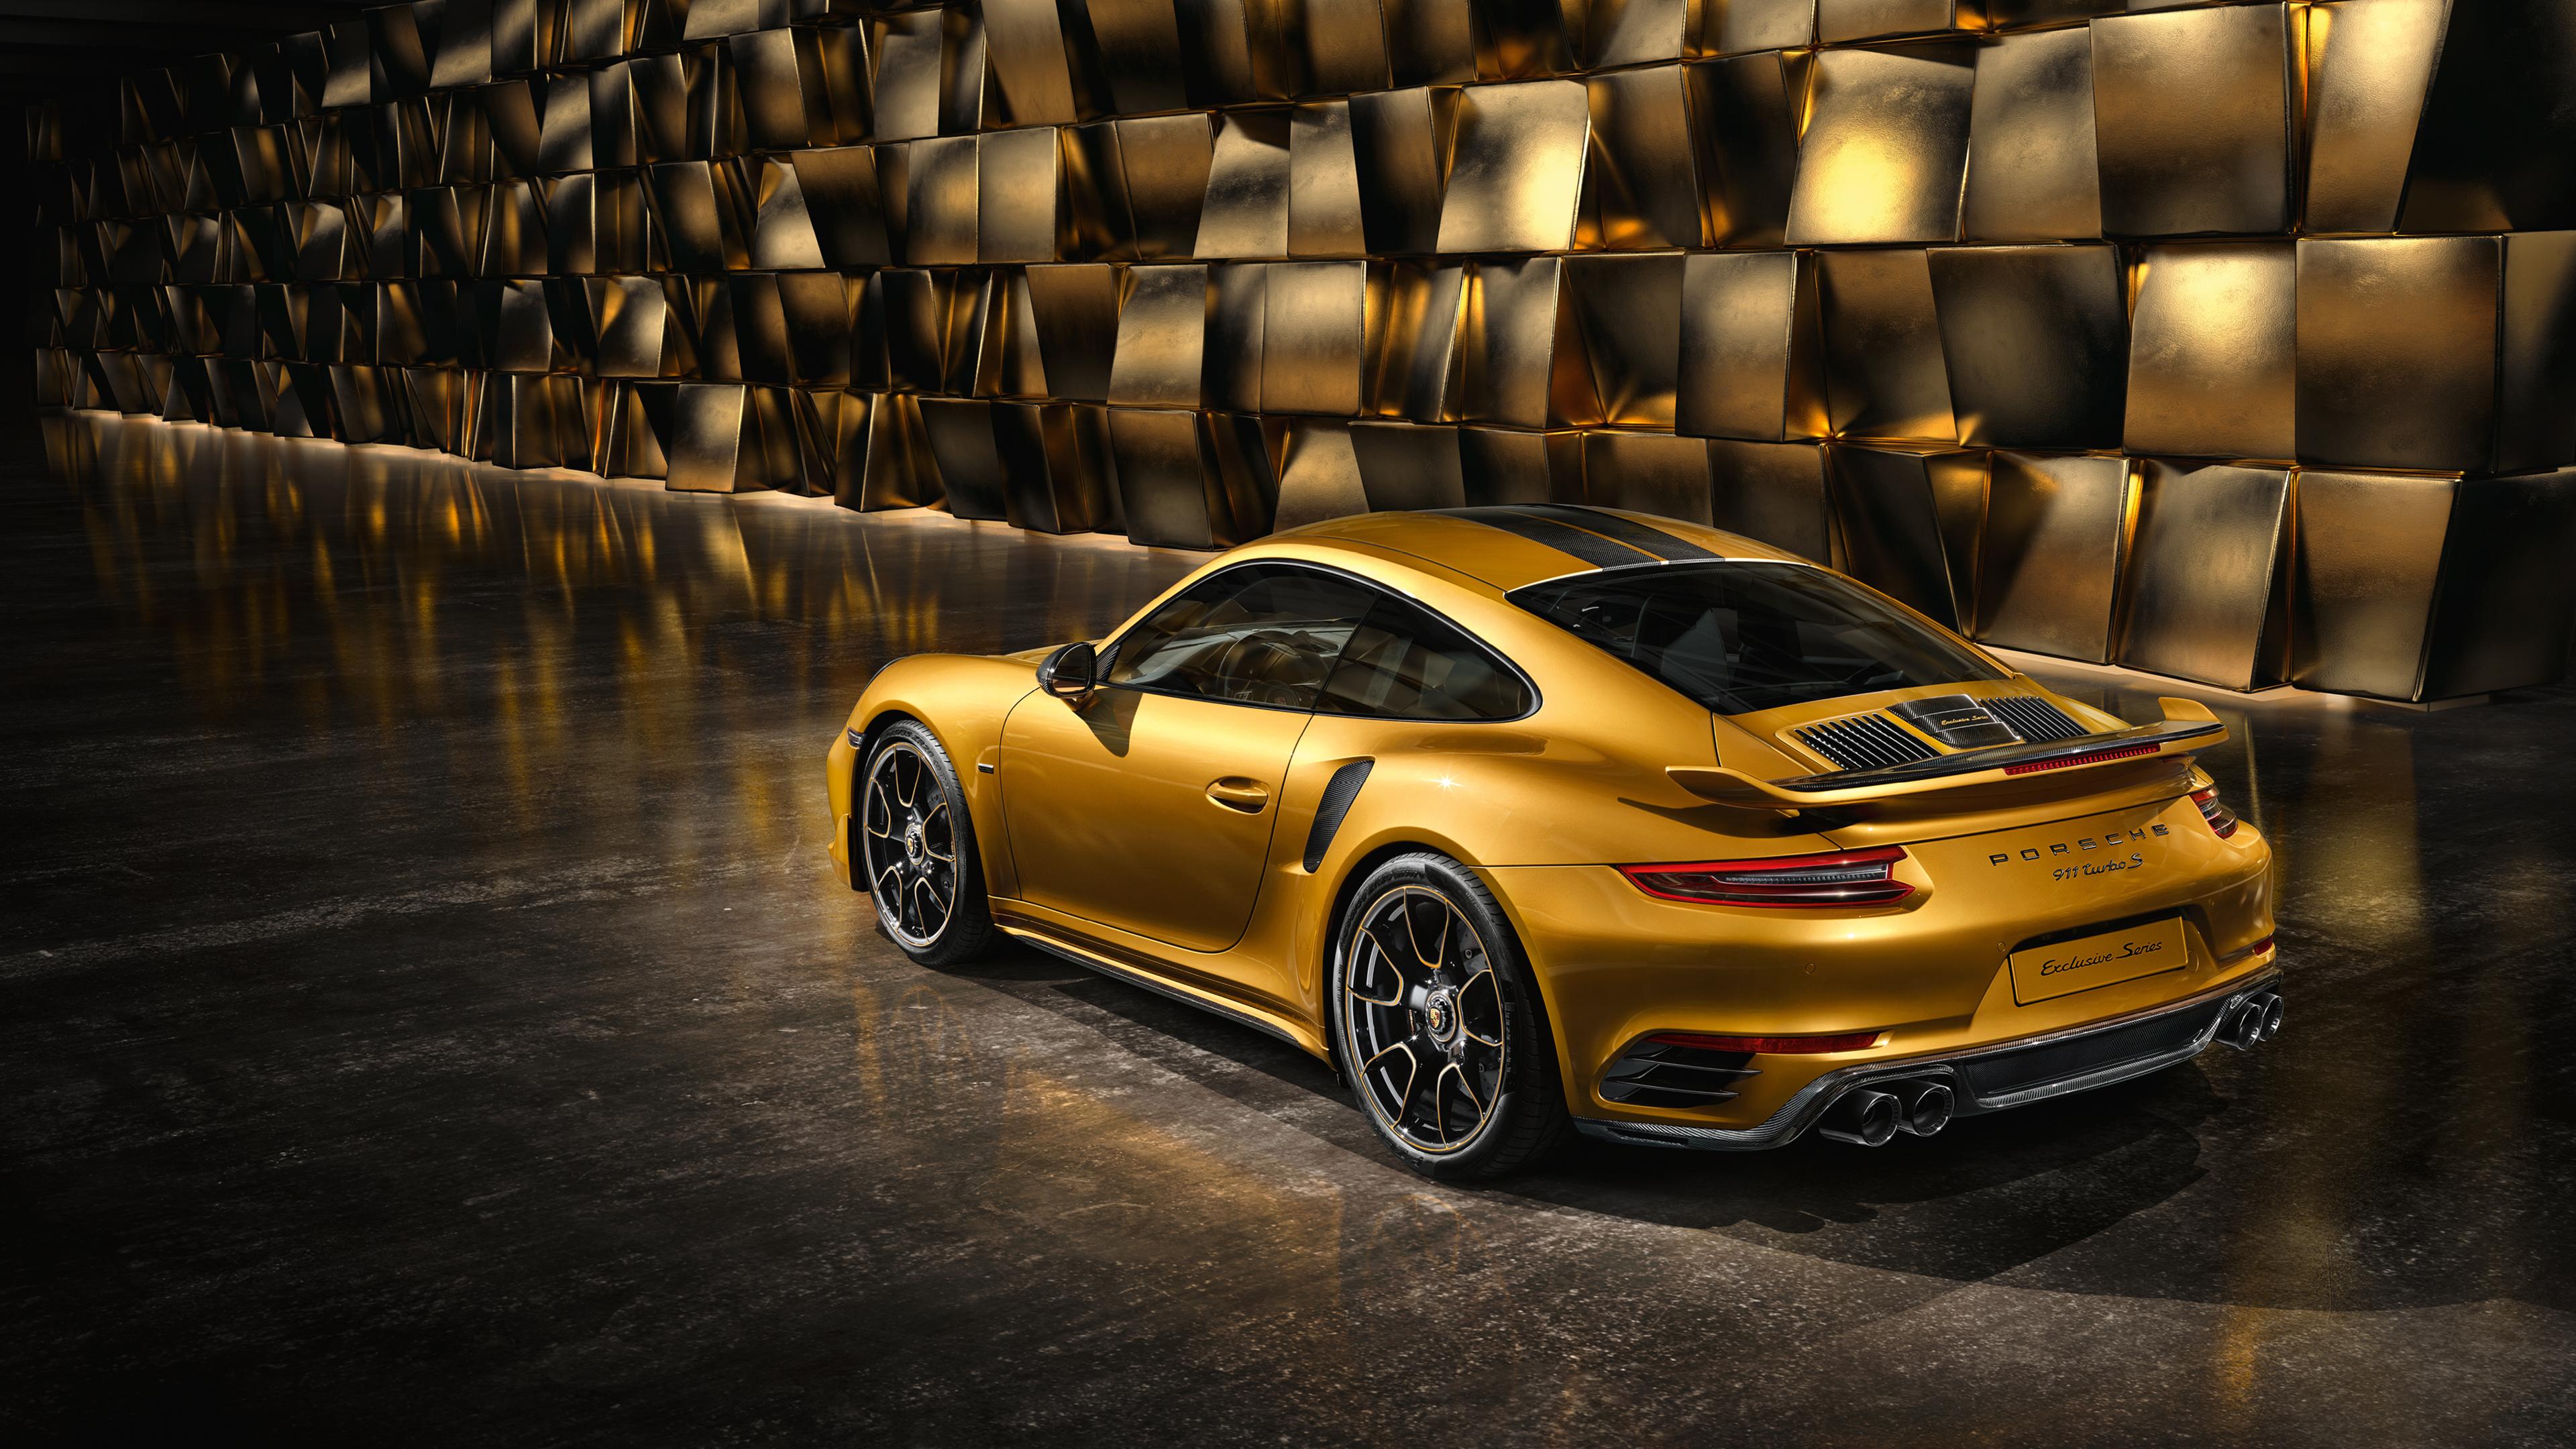 Wallpaper 4k Porsche 991 Ii Turbo Rear 4k Wallpapers